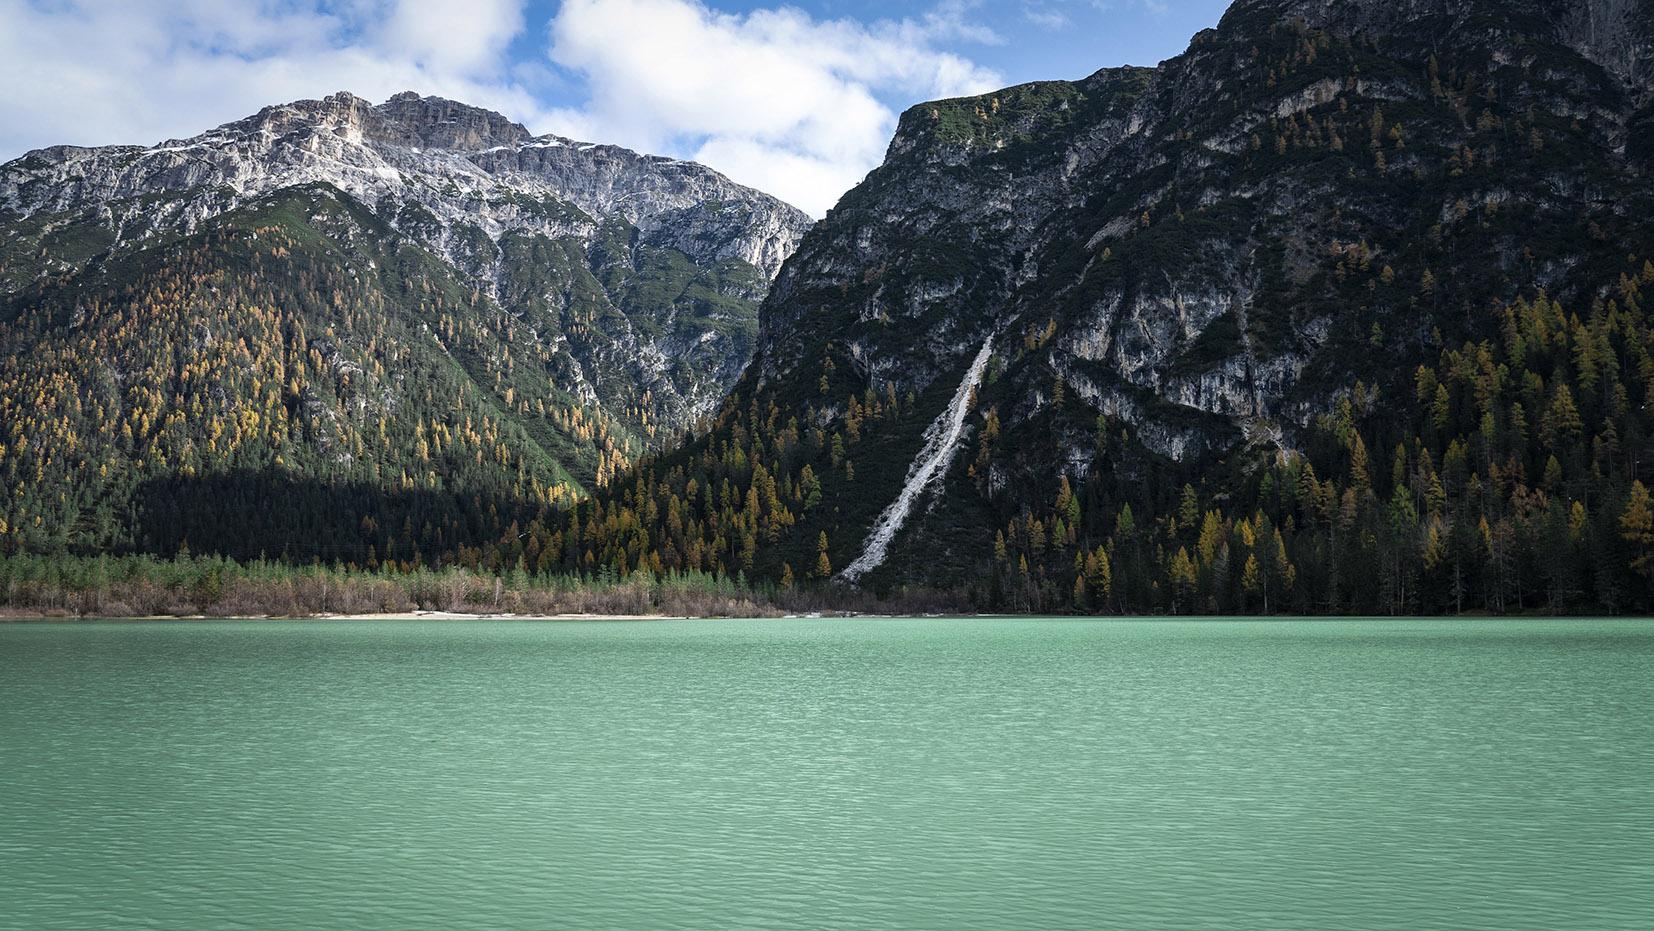 Une semaine dans les Dolomites lago di Landro eau verte montagnes automne